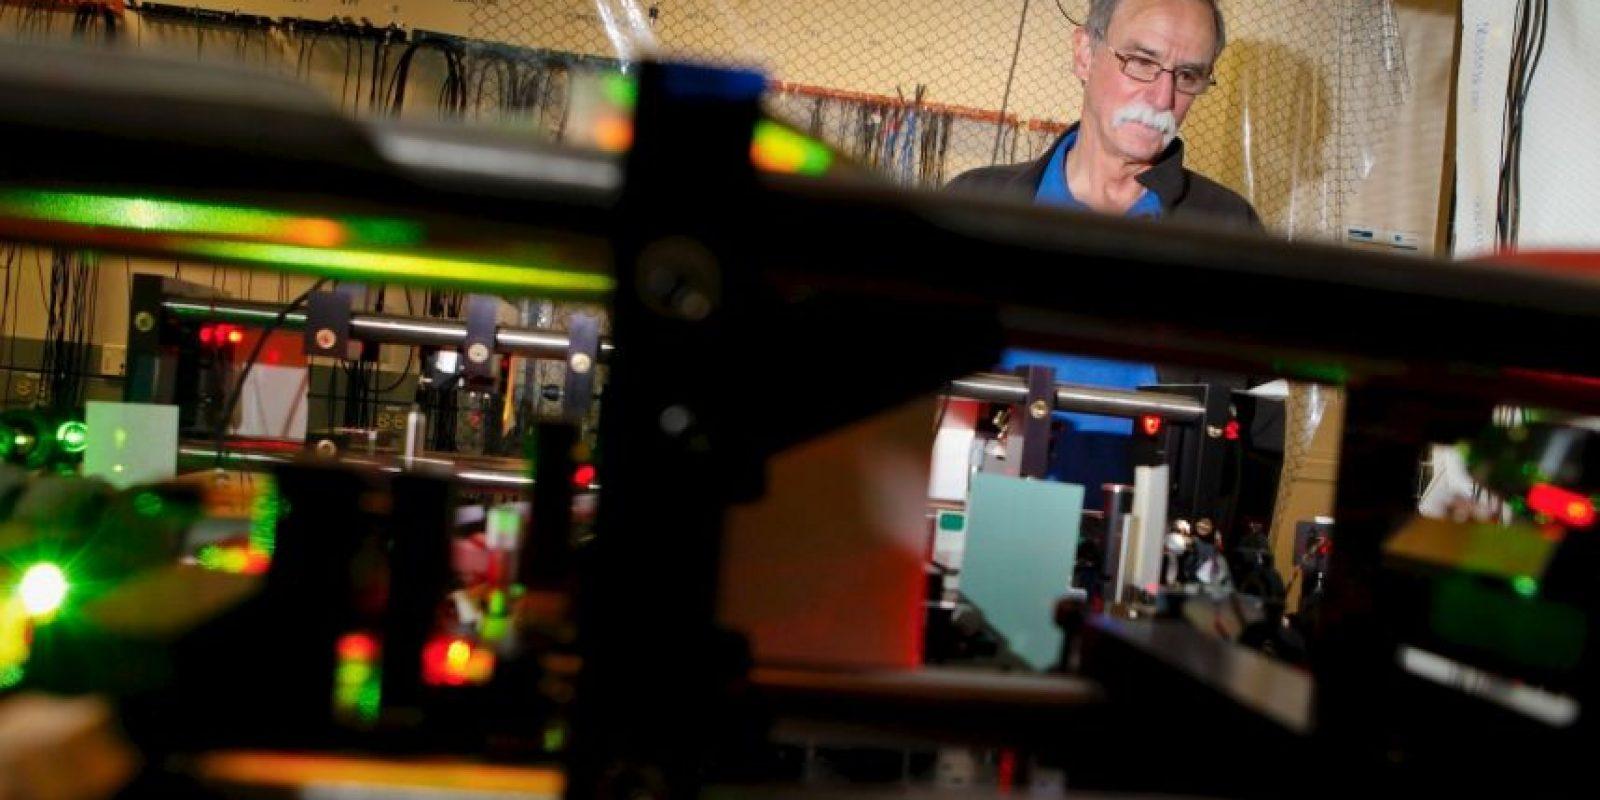 10. Primer transplante de células iPS. Científicos del Instituto Riken de Japón implantaron en una paciente tejido de retina fabricado en el laboratorio a partir de una pequeña muestra de su piel. Los investigadores generaron células madre iPS, con capacidad para convertirse en cualquier tejido, y así obtener la nueva retina. Foto:Getty Images